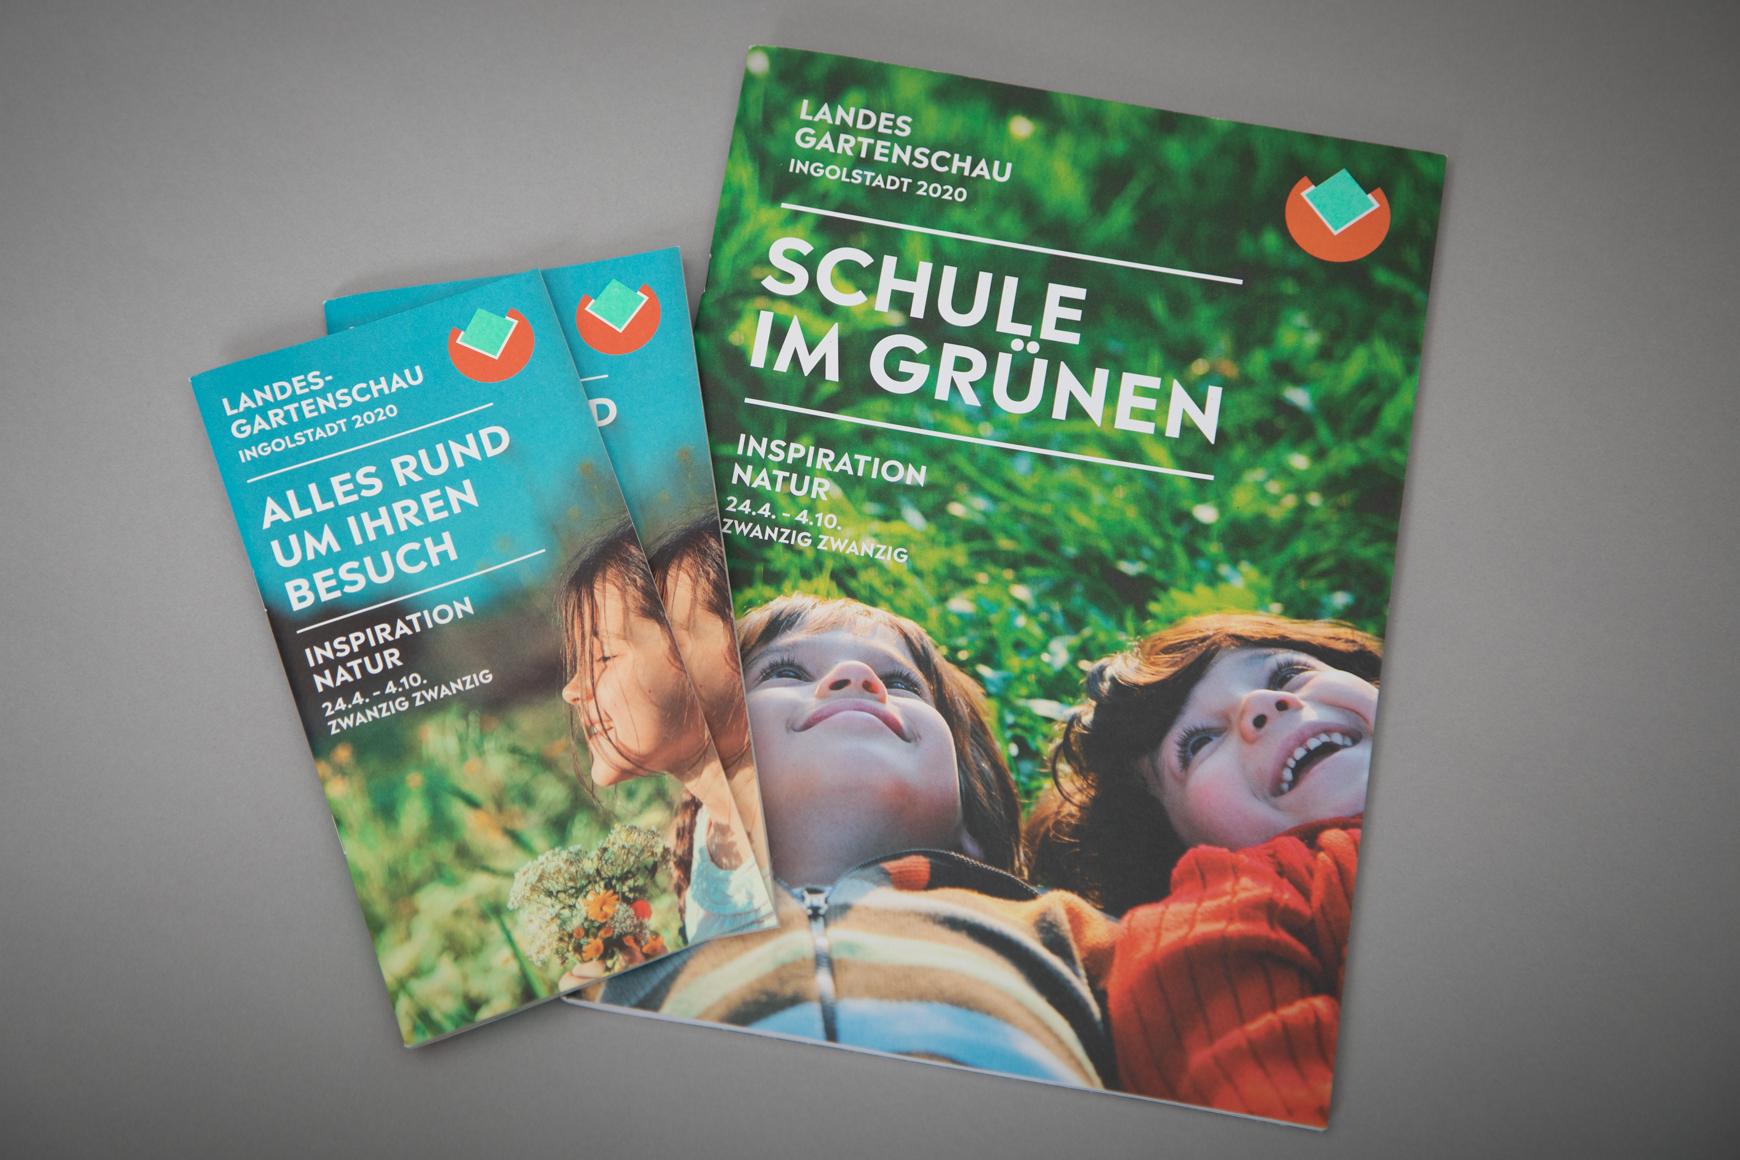 Landesgartenschau Ingolstadt 2020 Schaufenster